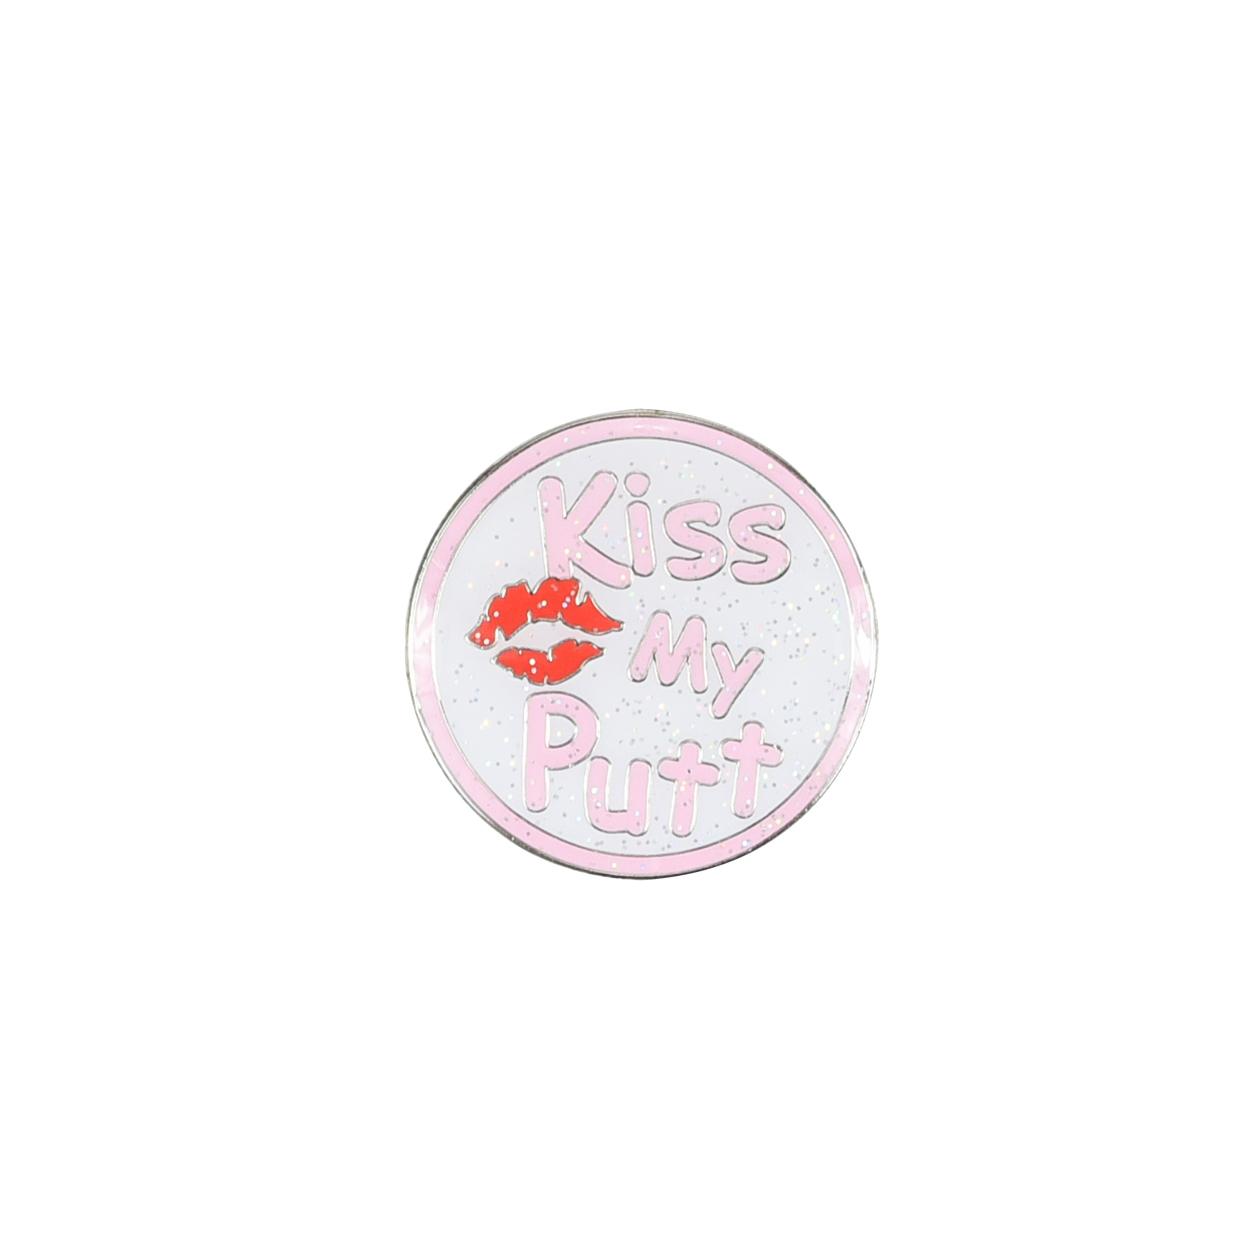 246. Kiss My Putt Divot Tool & Ball Mark